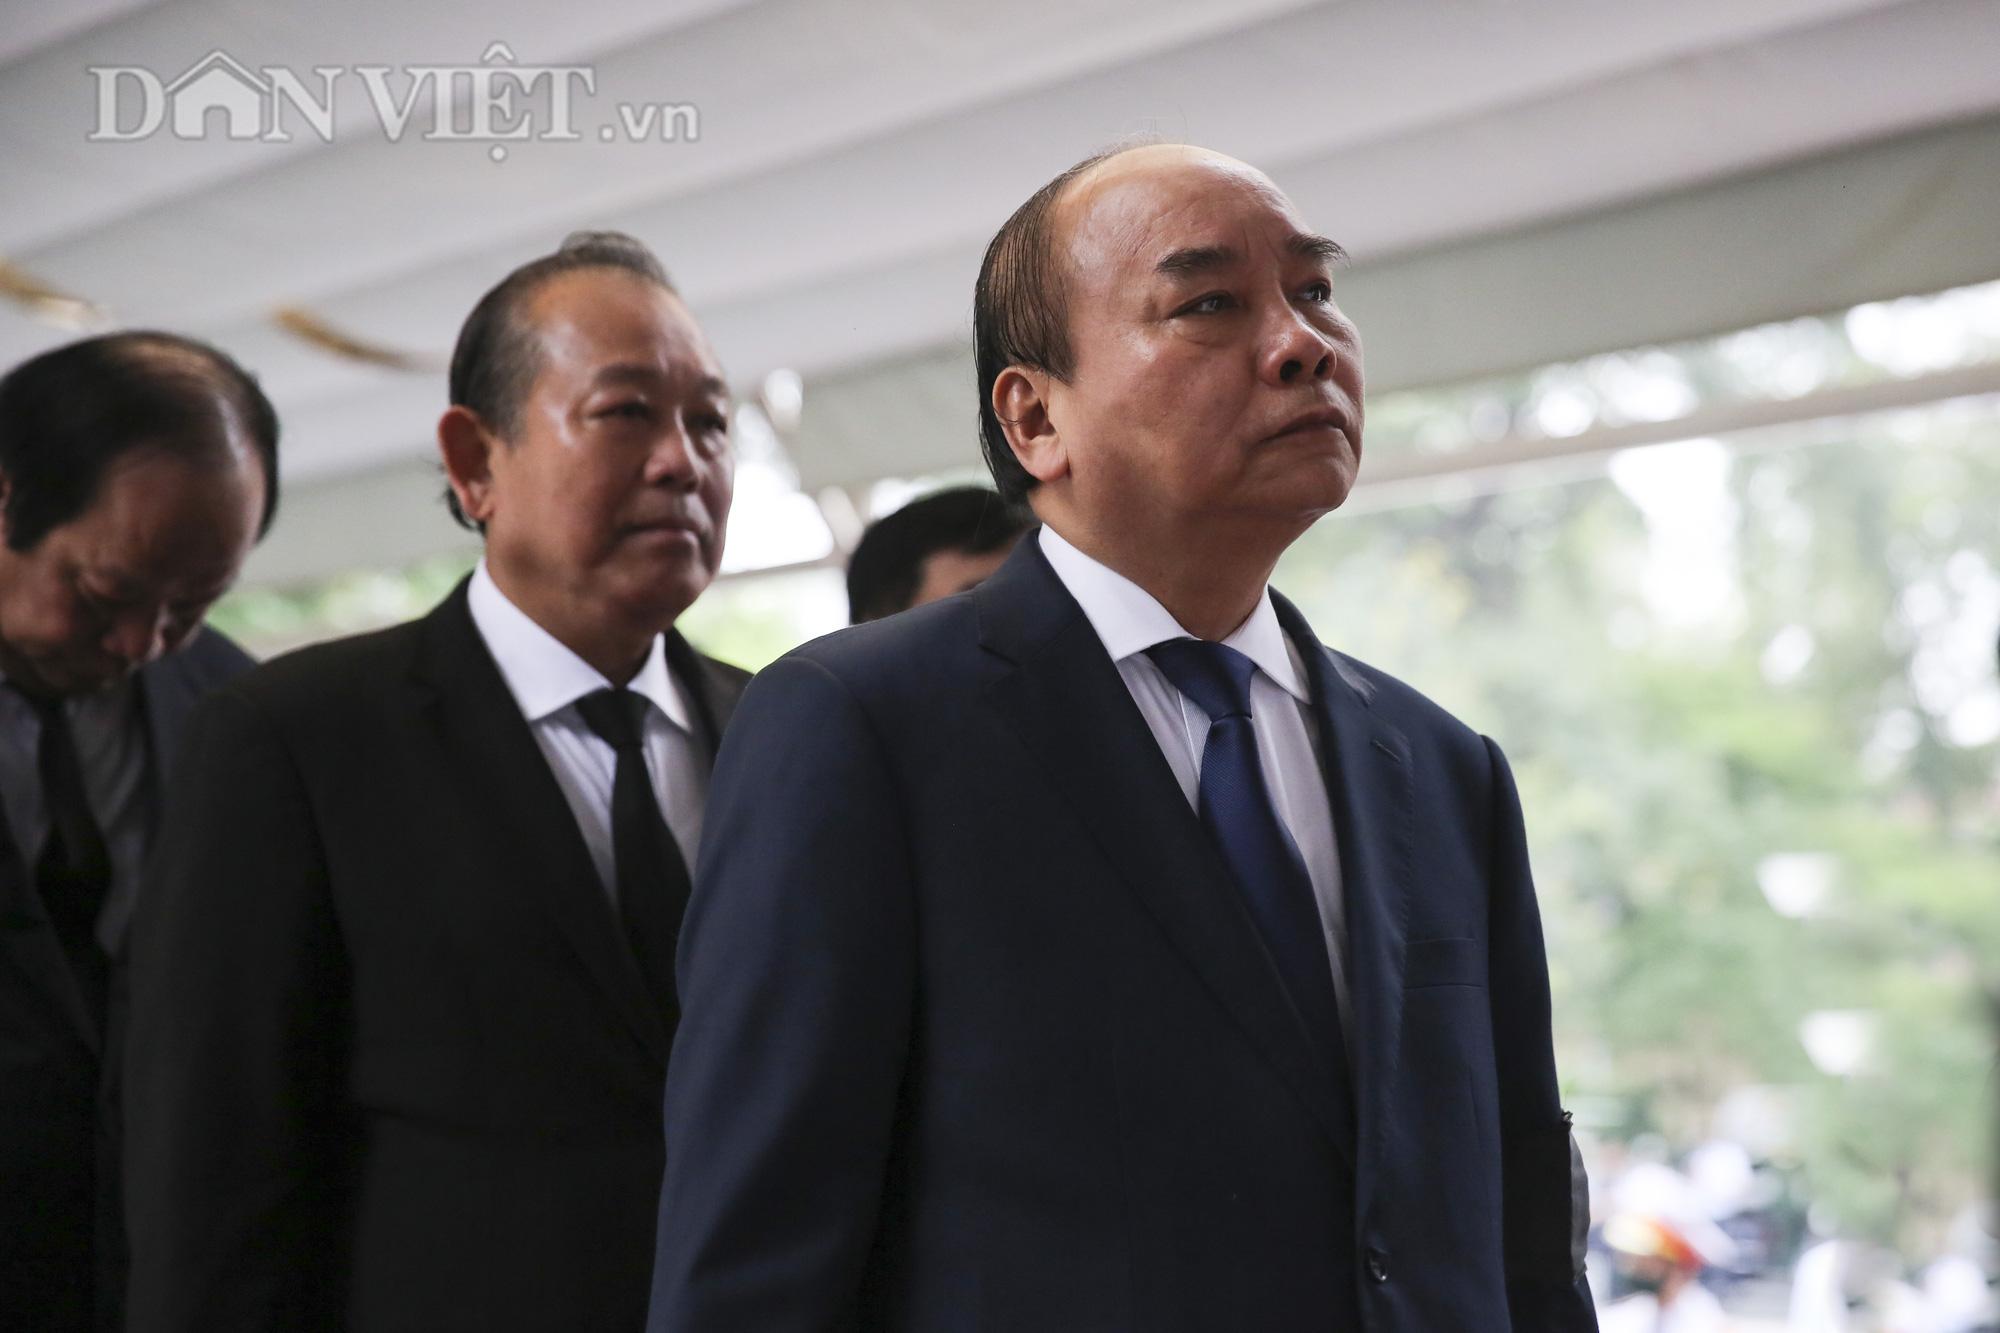 Thủ tướng đến viếng, tiễn đưa đồng chí Nguyễn Đình Hương - Ảnh 3.